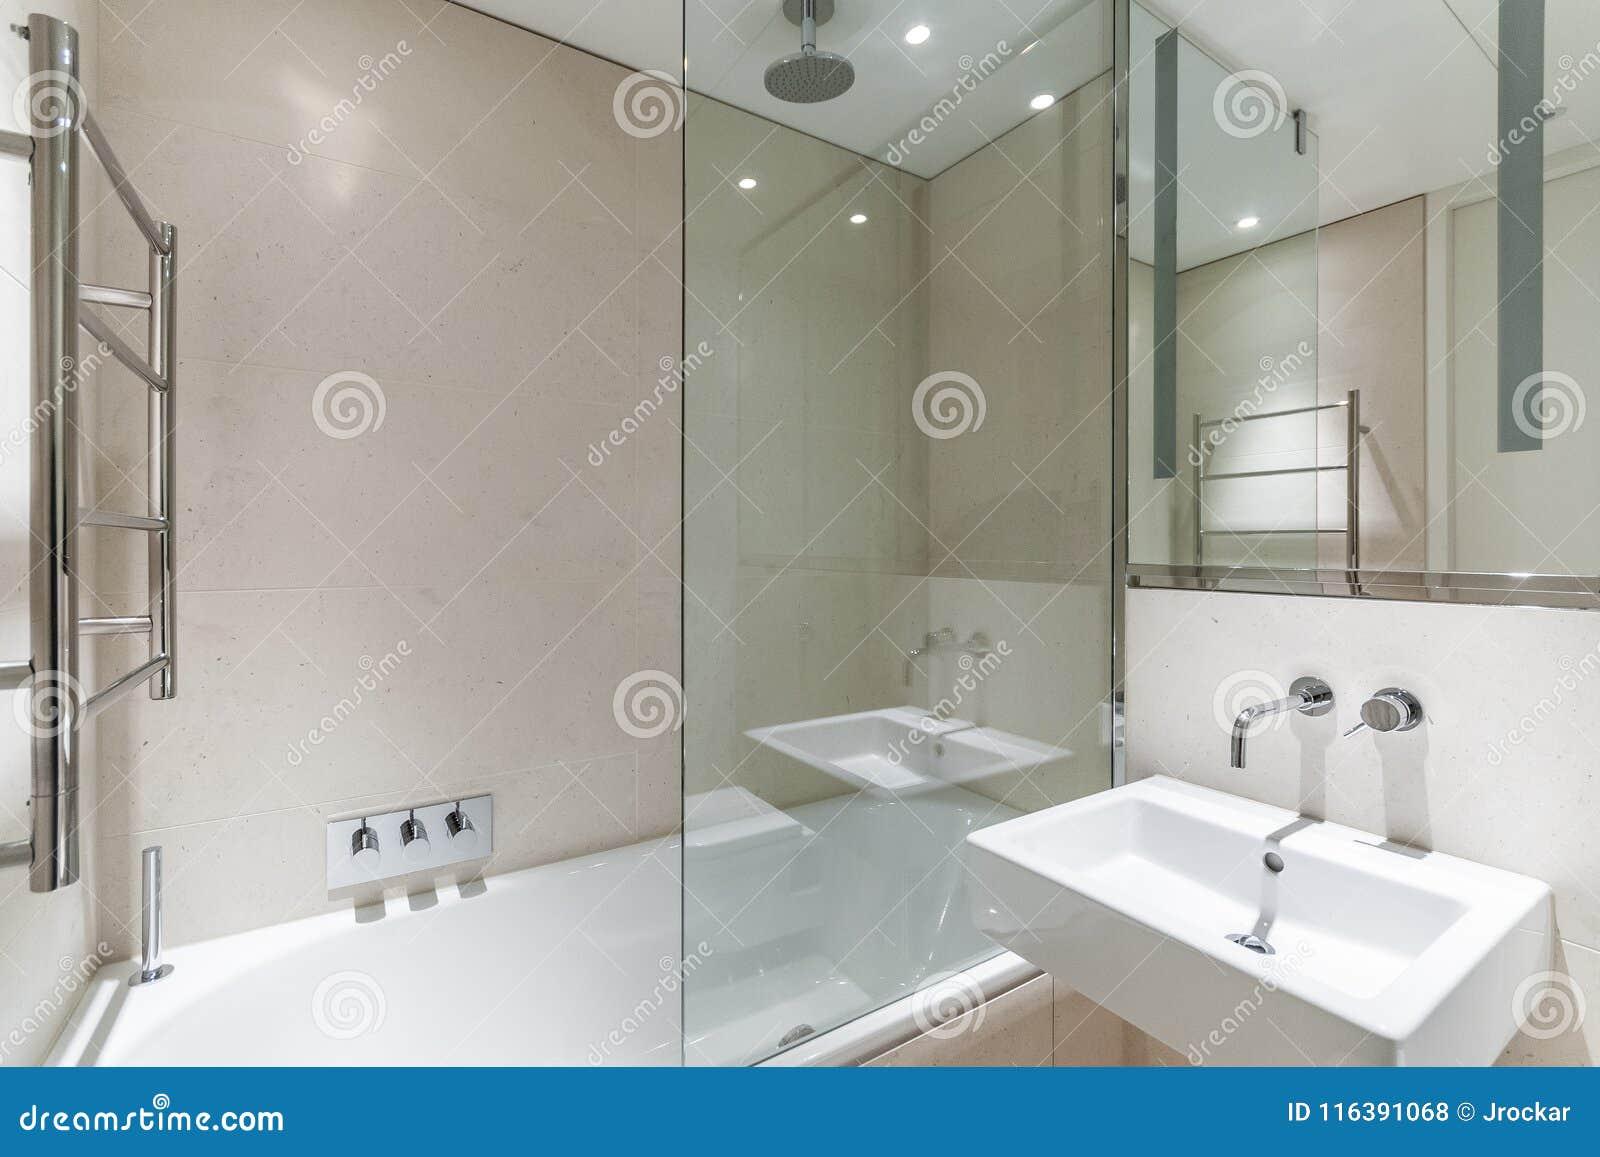 Download Helles Badezimmer Mit Sandsteinfliesen Stockfoto   Bild Von  Sauber, Hotel: 116391068